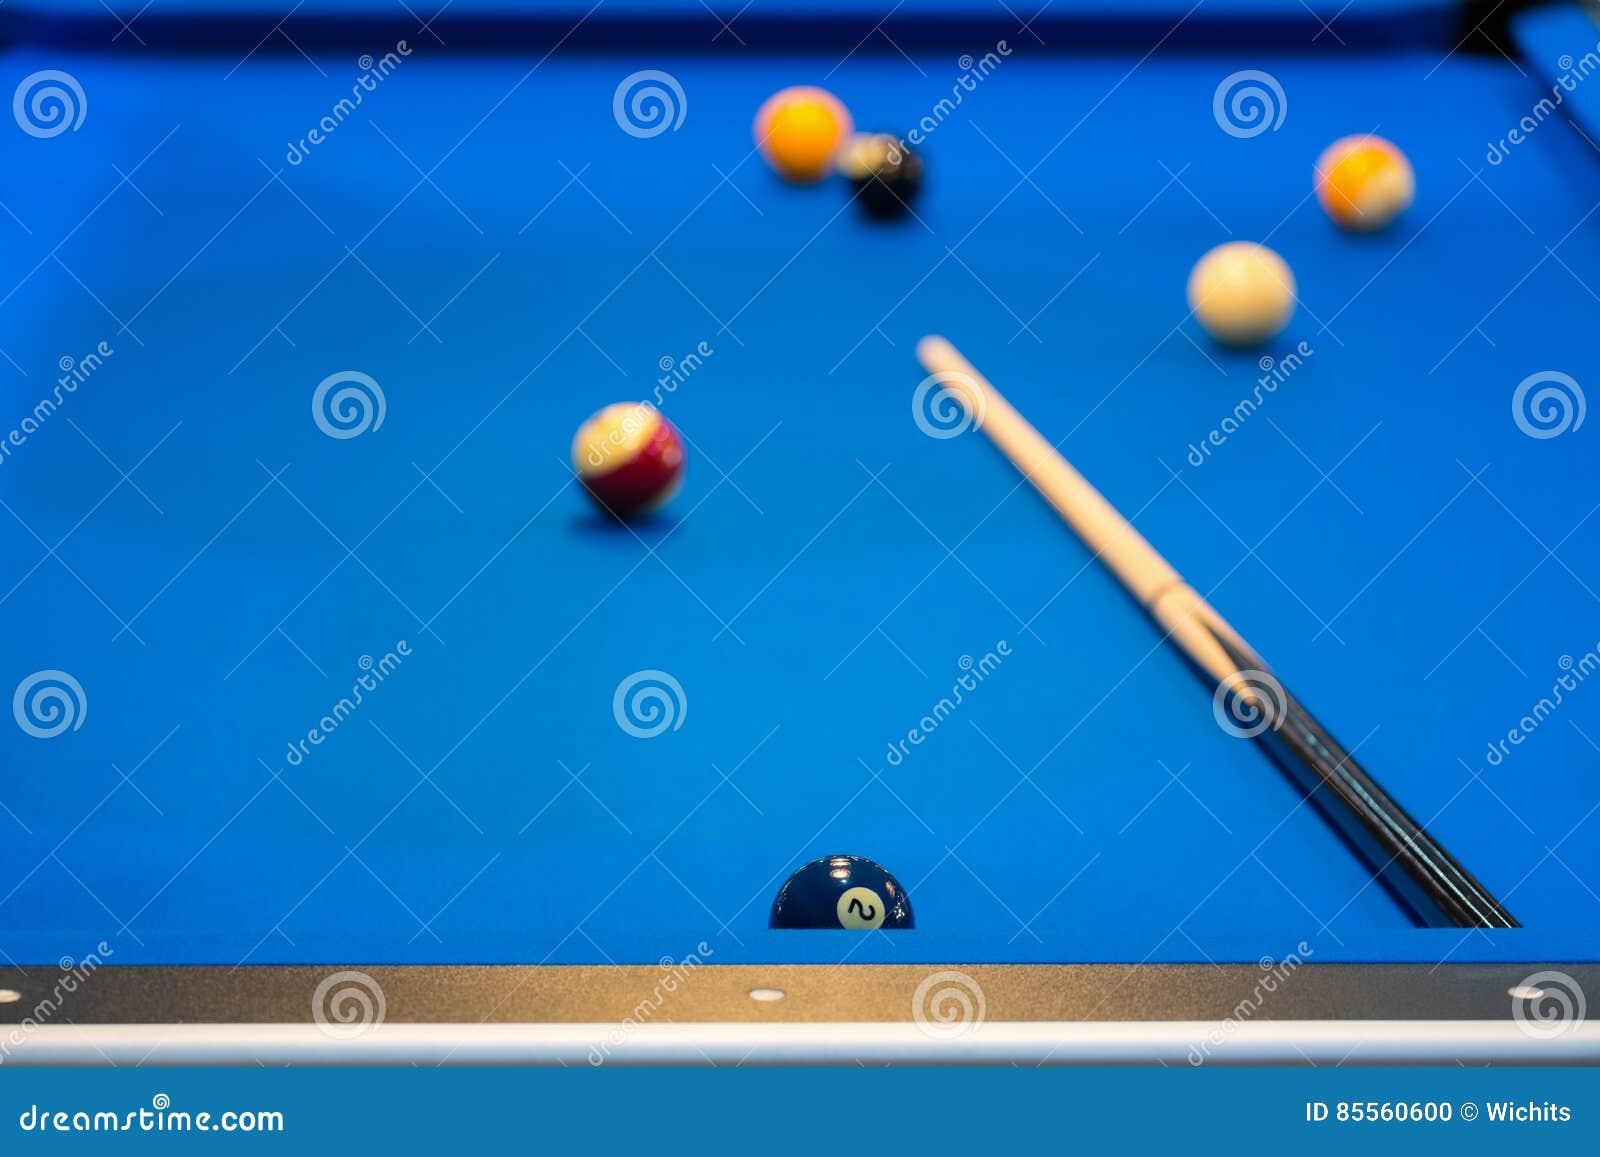 Bunte Pool-Kugeln